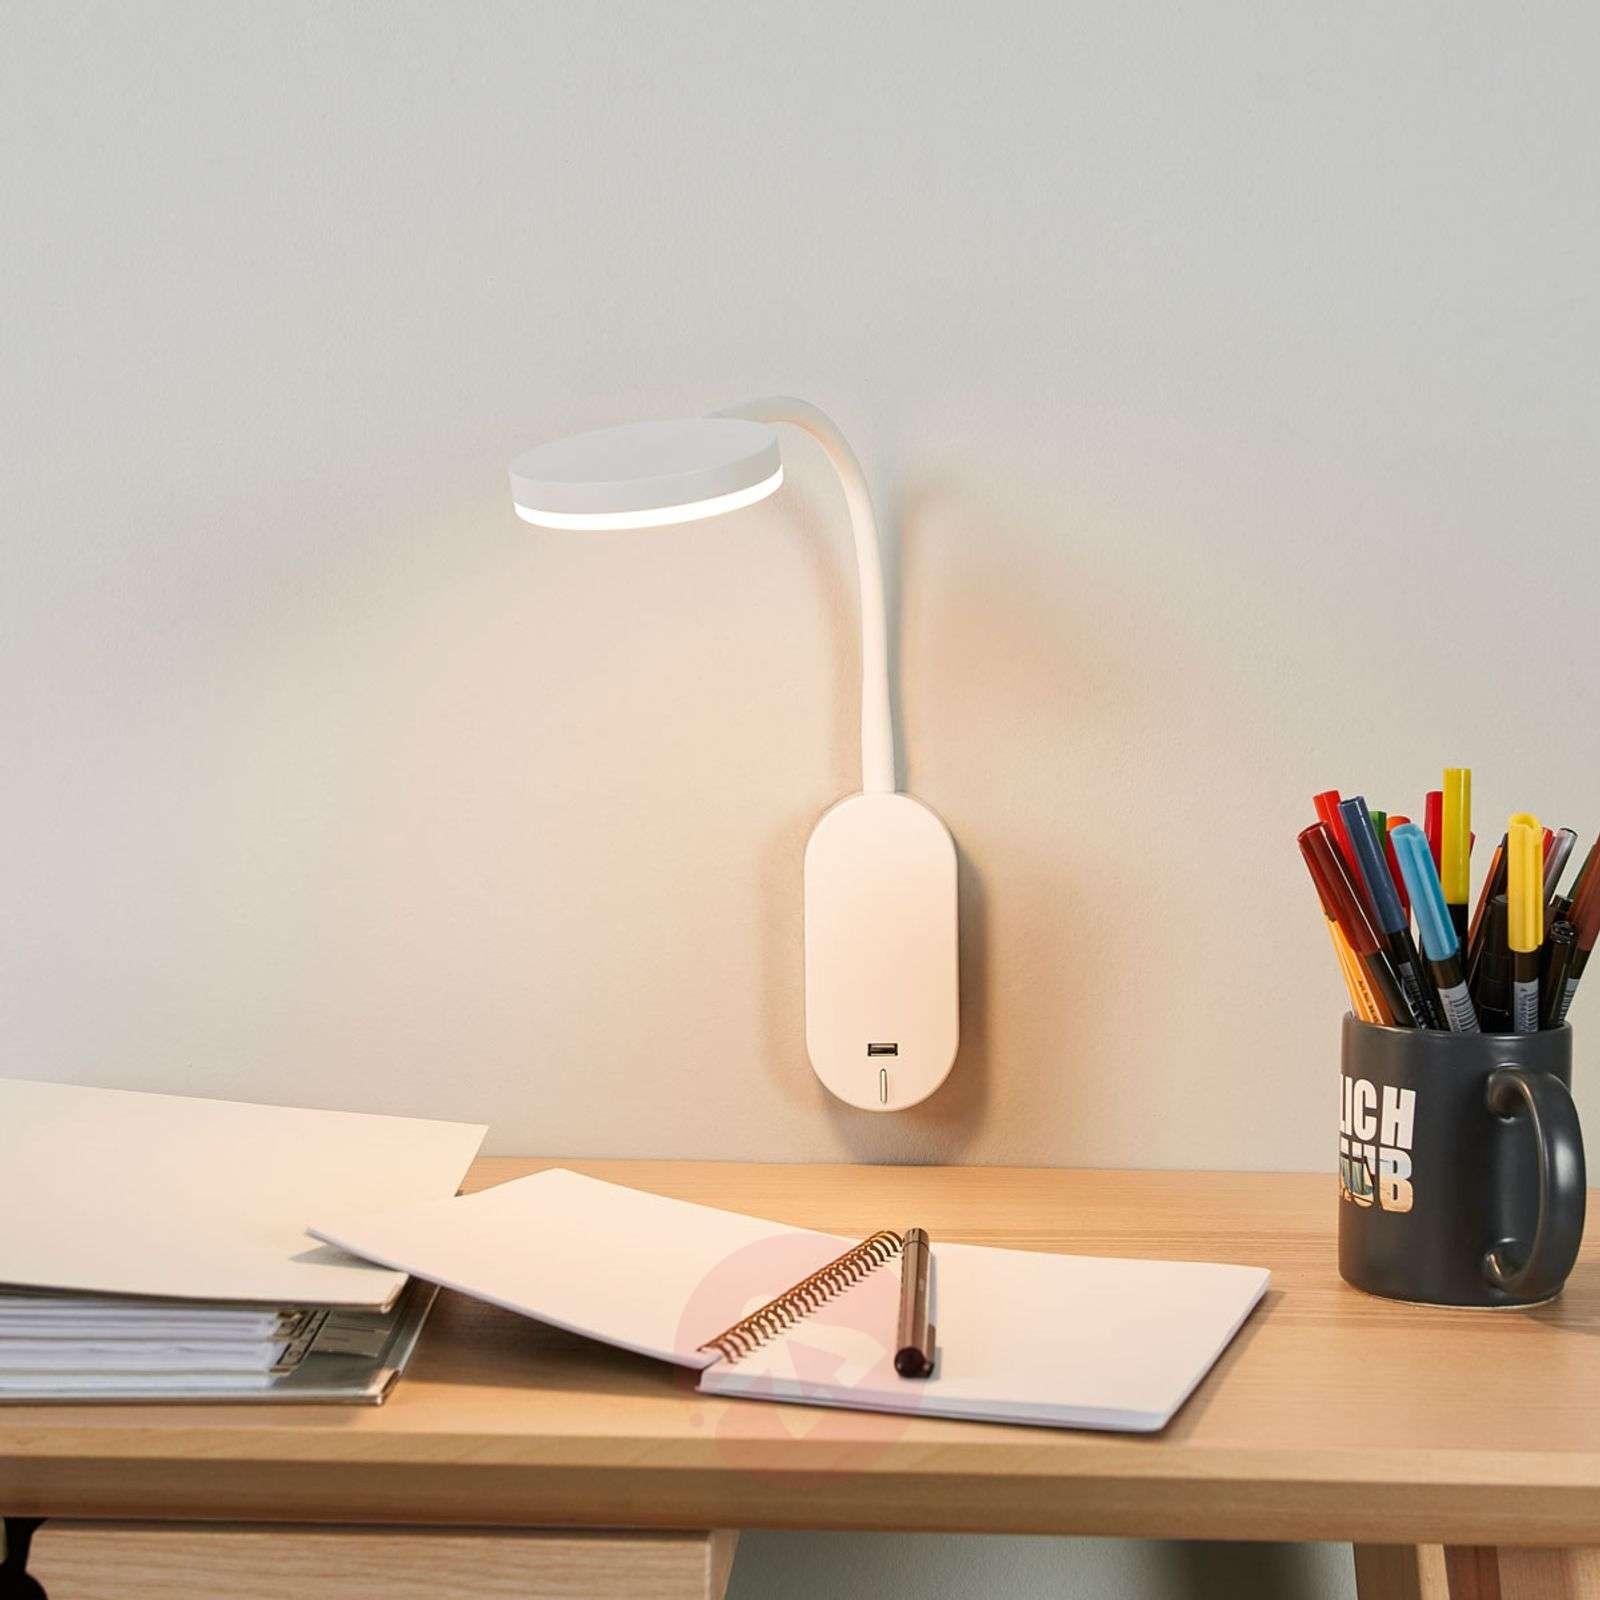 Milow-seinävalaisin LED, joustovarsi and USB-portti-9643030-01